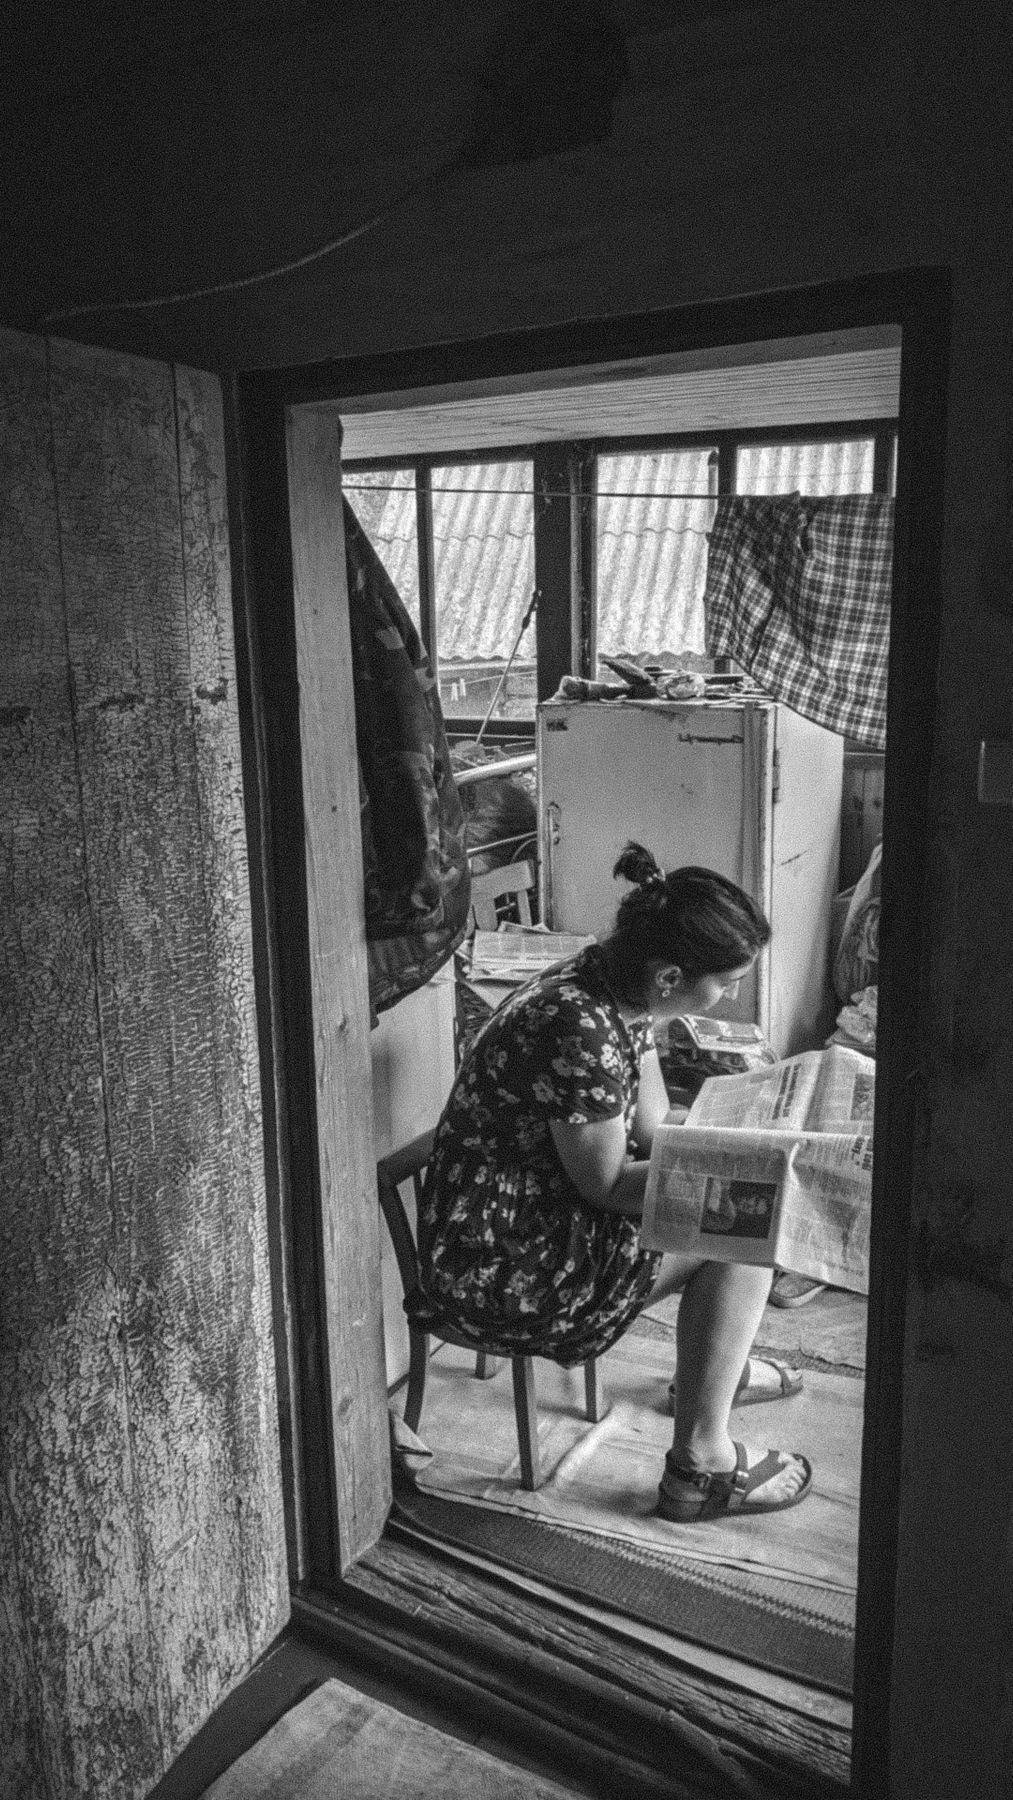 Посевной Дверь портрет окно газета человек женщина стул дом